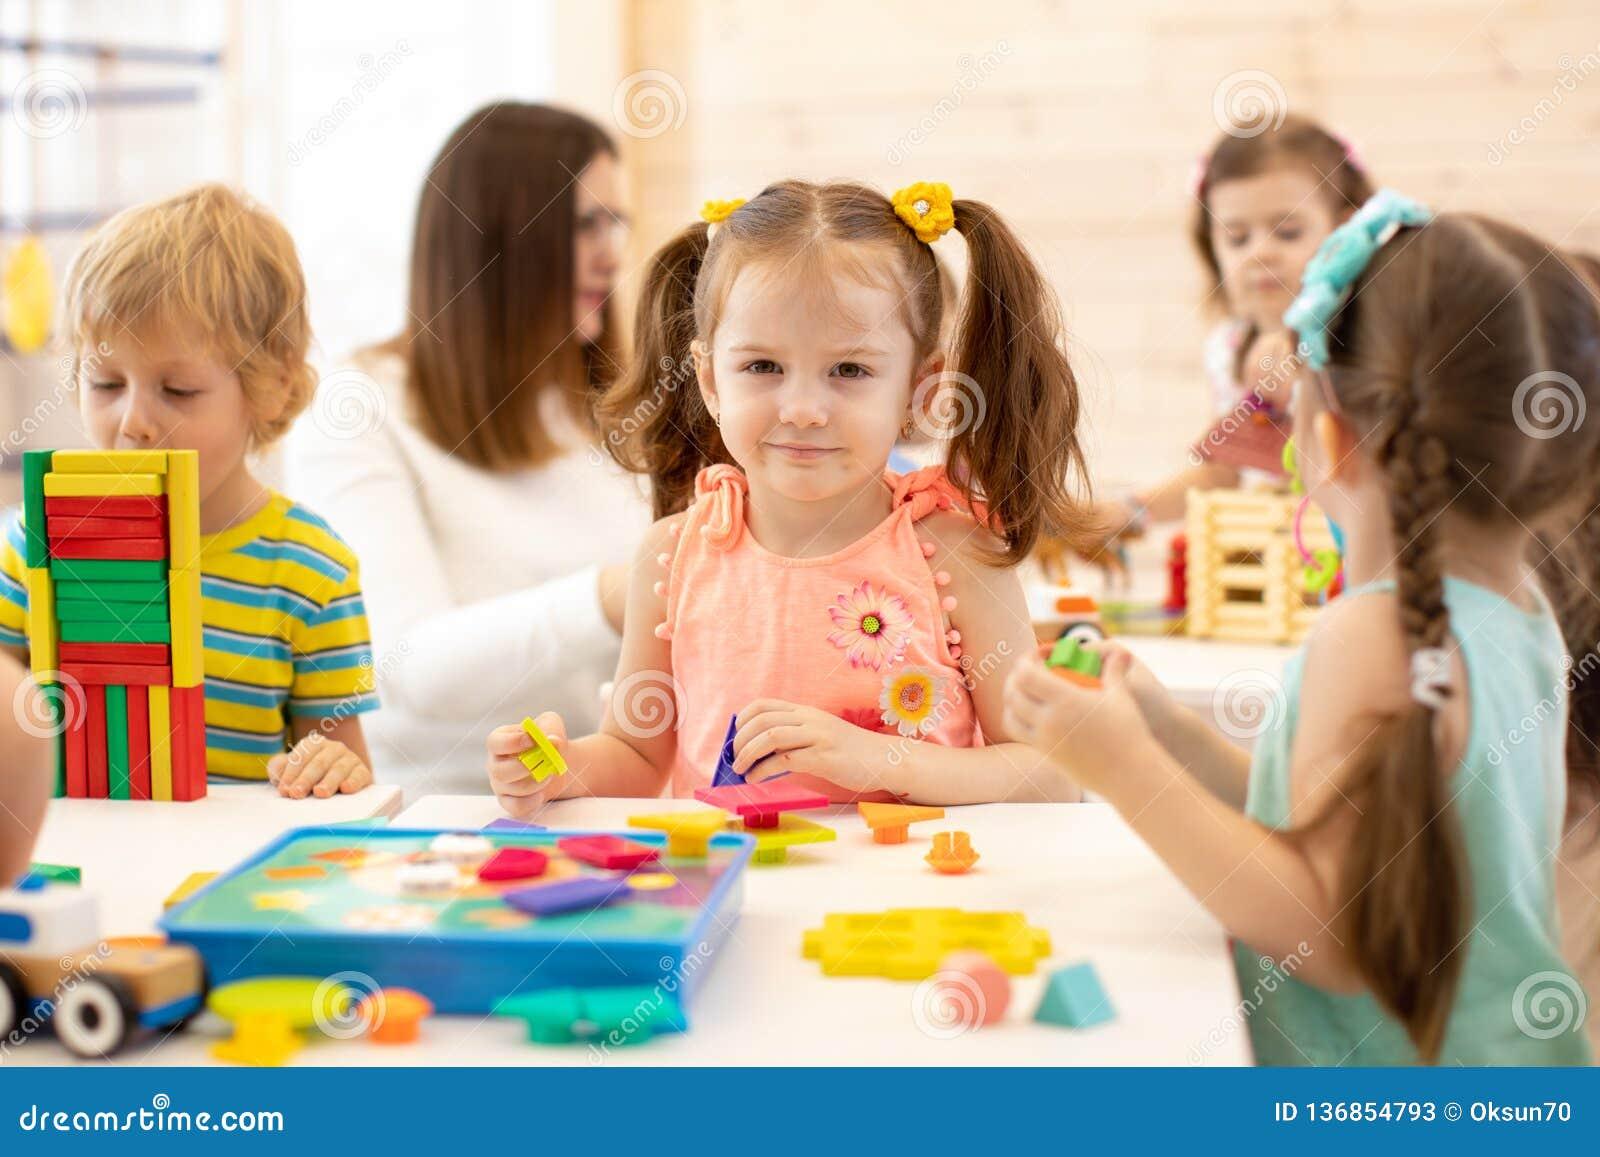 Preschool dziecko sztuka z kolorowymi dydaktycznymi zabawkami przy dziecinem